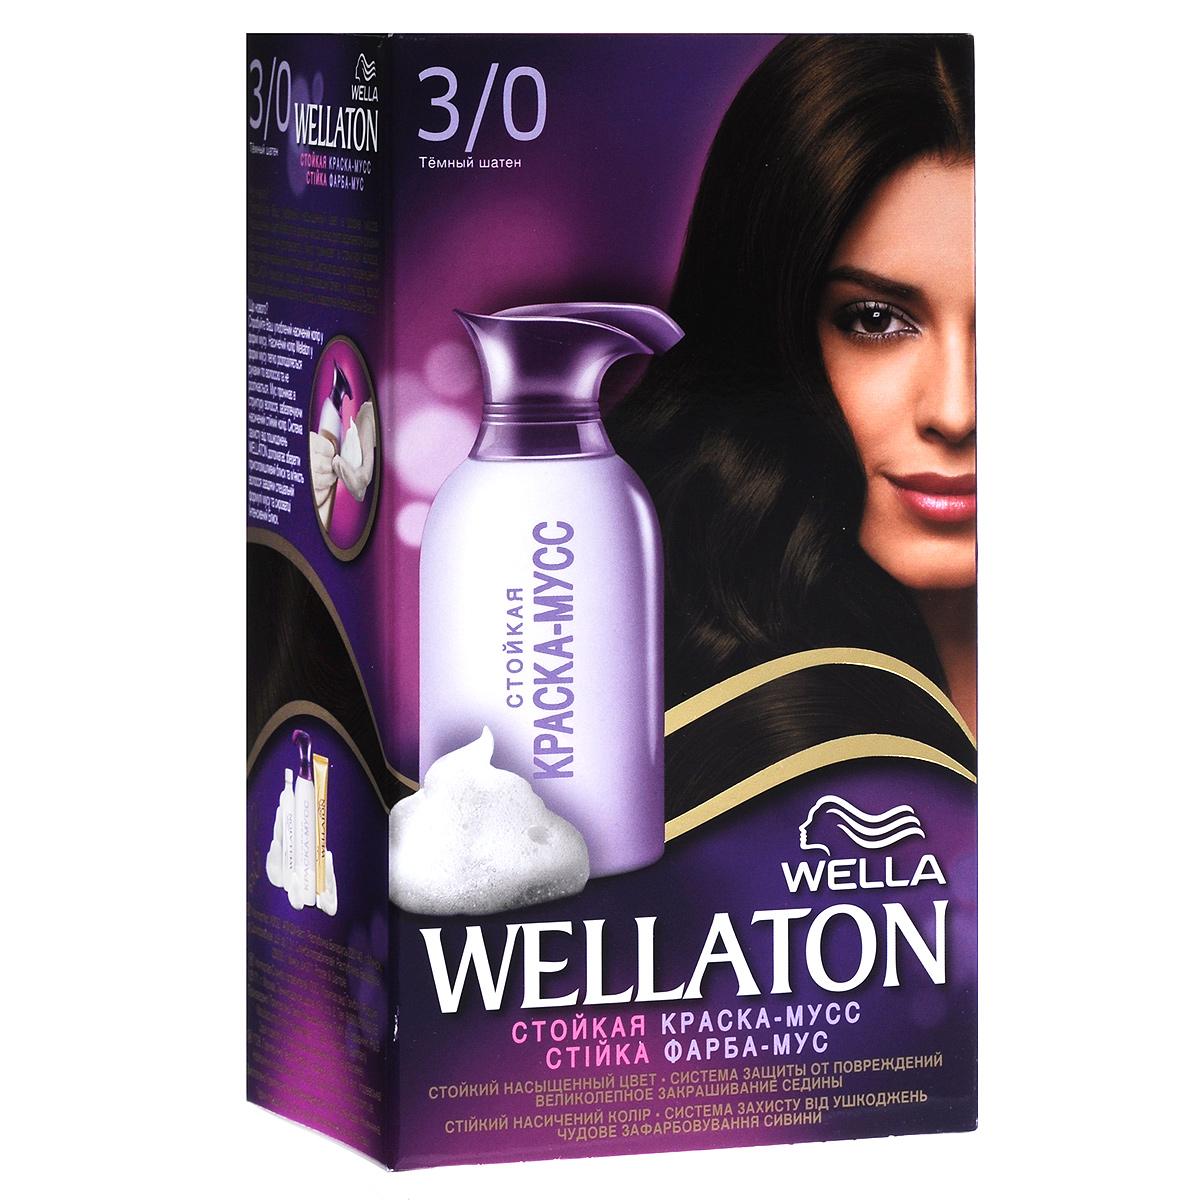 Краска-мусс для волос Wellaton 3/0. Темный шатенMP59.4DСтойкая краска-мусс Wellaton - живой насыщенный цвет и легкое бережное нанесение. Насладитесь живым насыщенным цветом. Краска-мусс обеспечивает бережное нанесение и защиту от подтеков. Она равномерно распределяется по волосам, насыщая каждый волос совершенным цветом. Система защиты от повреждений дарит волосам потрясающий блеск и мягкость шелка благодаря специальной формуле мусса и питательной сыворотке. Такая же стойкость, как привычные краски! 100% закрашивание седины. Характеристики: Номер краски: 3/0. Цвет: темный шатен. Объем краски: 56,5 мл. Объем проявителя: 58,1 мл. Объем питательной сыворотки: 30 мл. Производитель: Германия.В комплекте: 1 тюбик с краской, 1 флакон с проявителем, 1 тюбик с питательной сывороткой, 1 пара перчаток, инструкция по применению. Товар сертифицирован.Внимание! Продукт может вызвать аллергическую реакцию, которая в редких случаях может нанести серьезный вред вашему здоровью. Проконсультируйтесь с врачом-специалистом передприменениемлюбых окрашивающих средств.